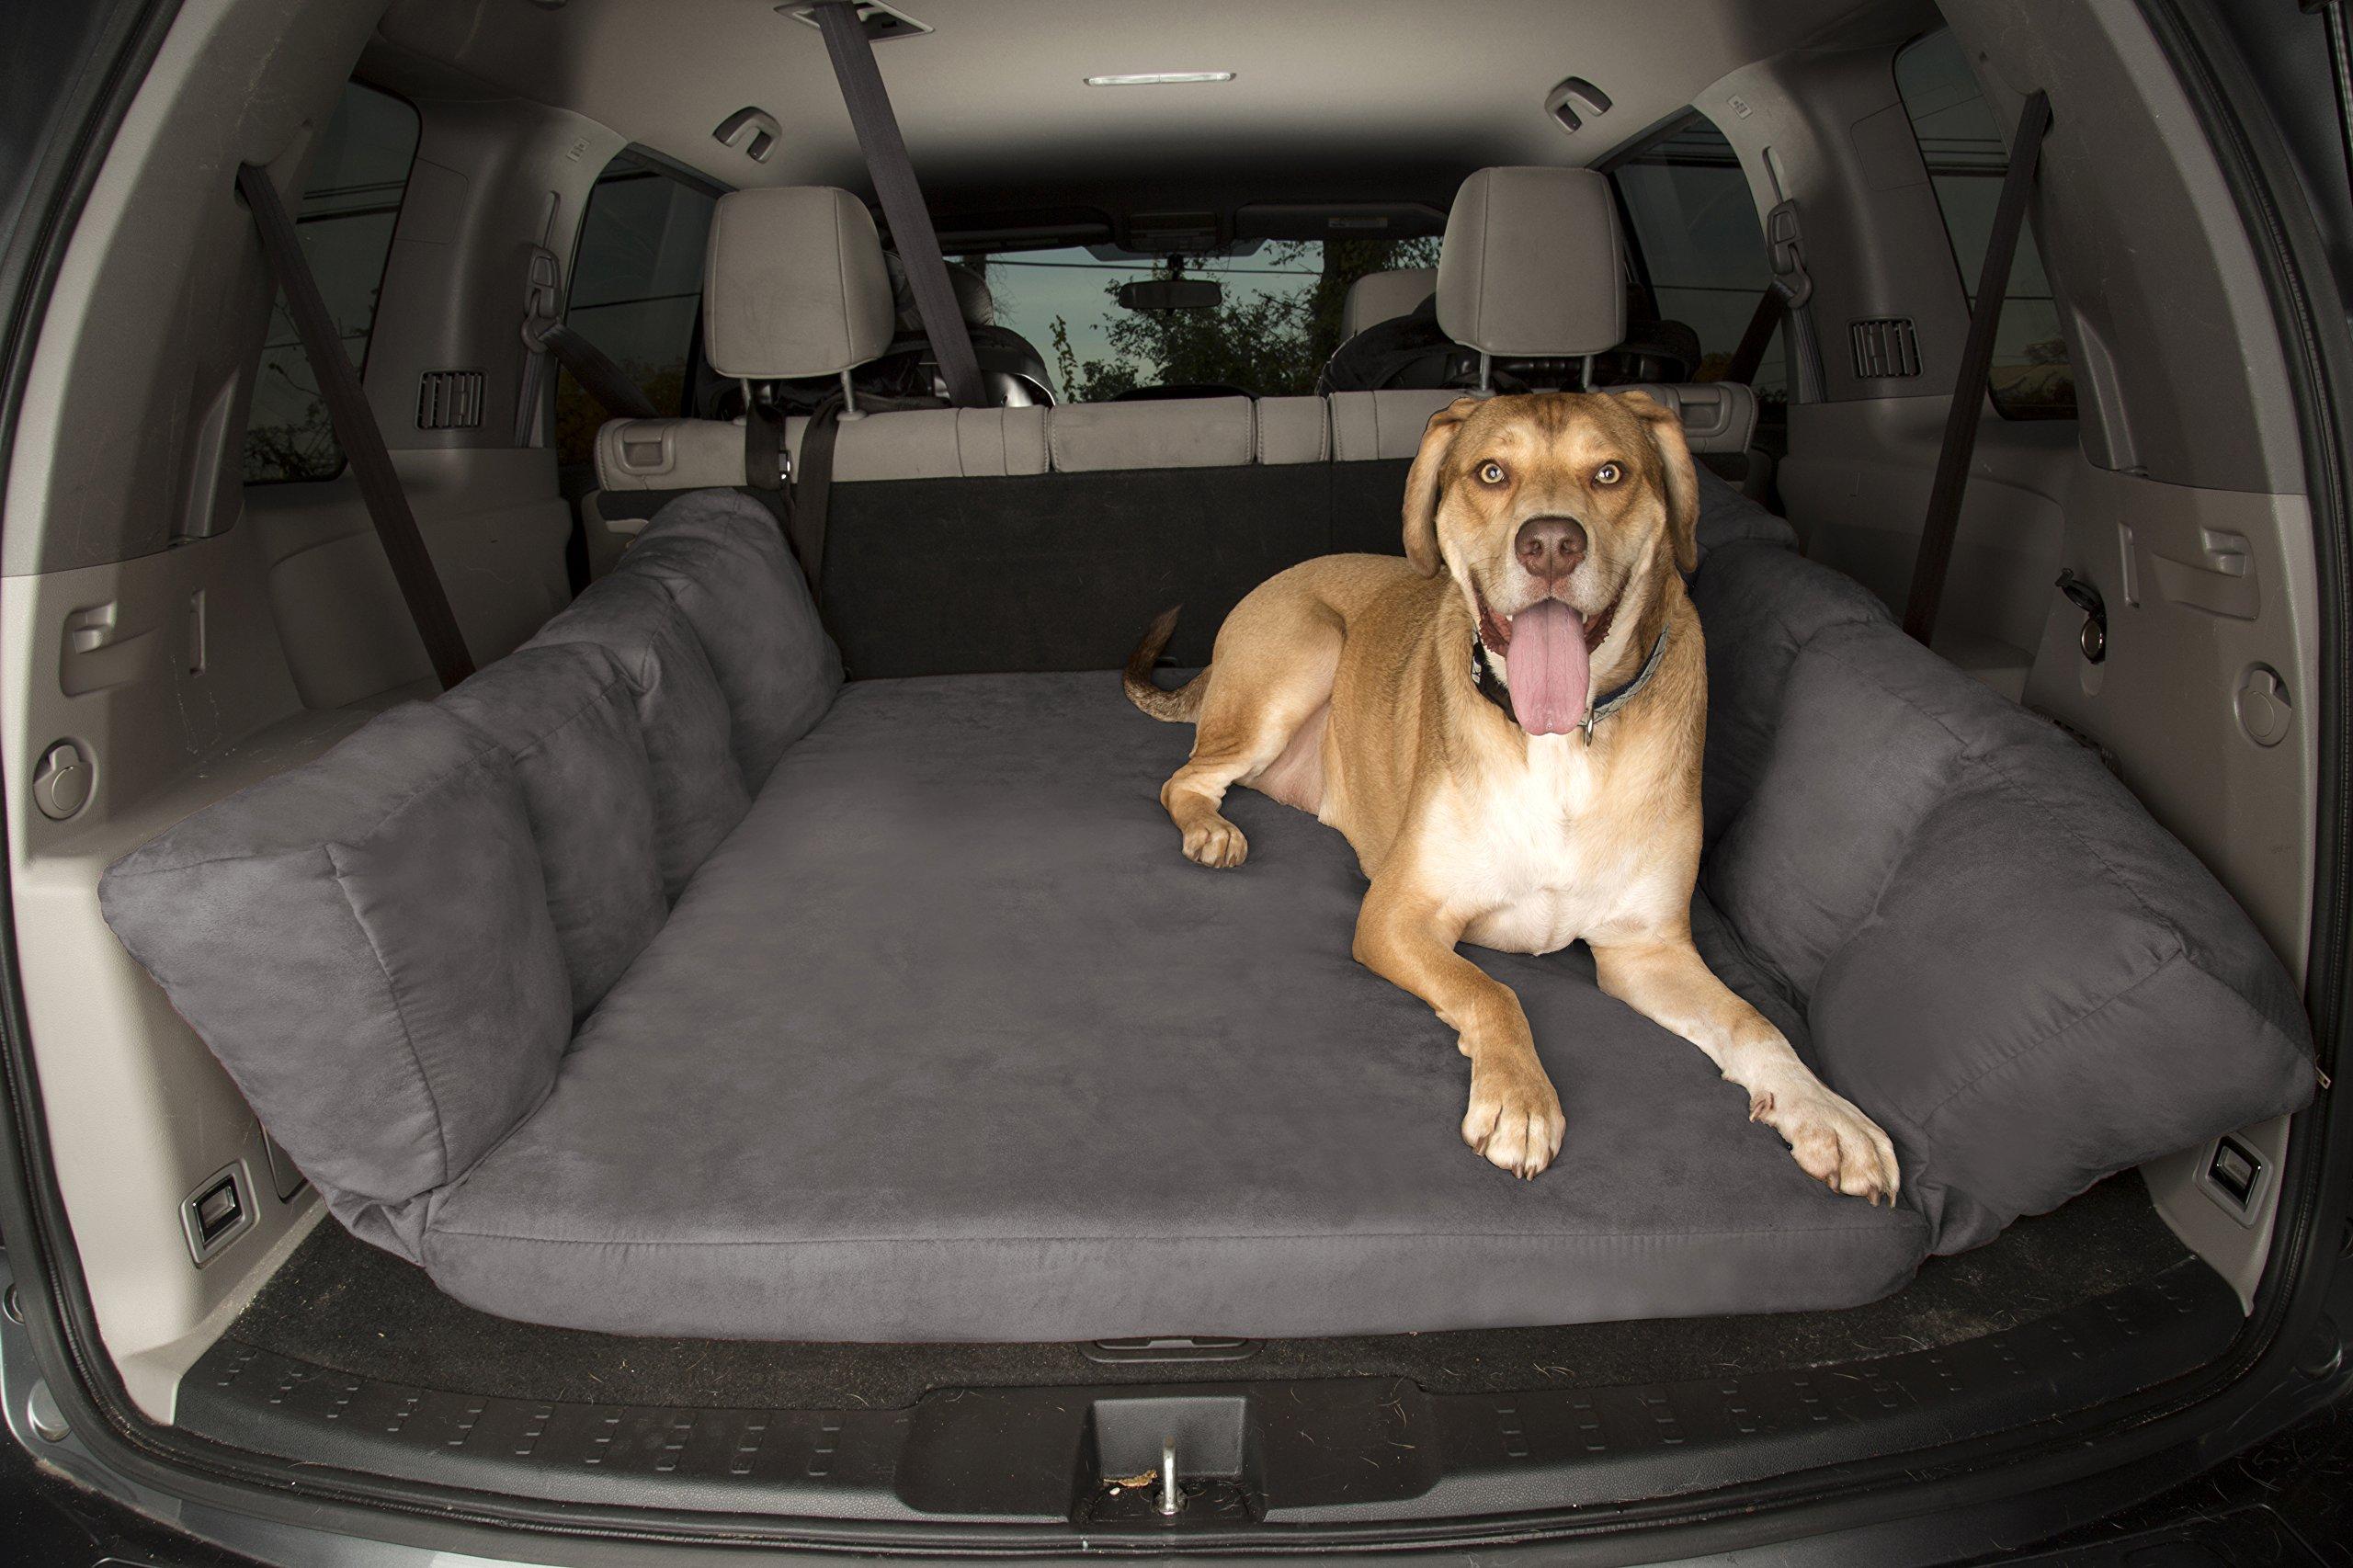 Backseat Barker: SUV Edition (Orthopedic Shock-Absorbing Big Barker Dog Bed for Back of Sport Utility Vehicles) by Big Barker